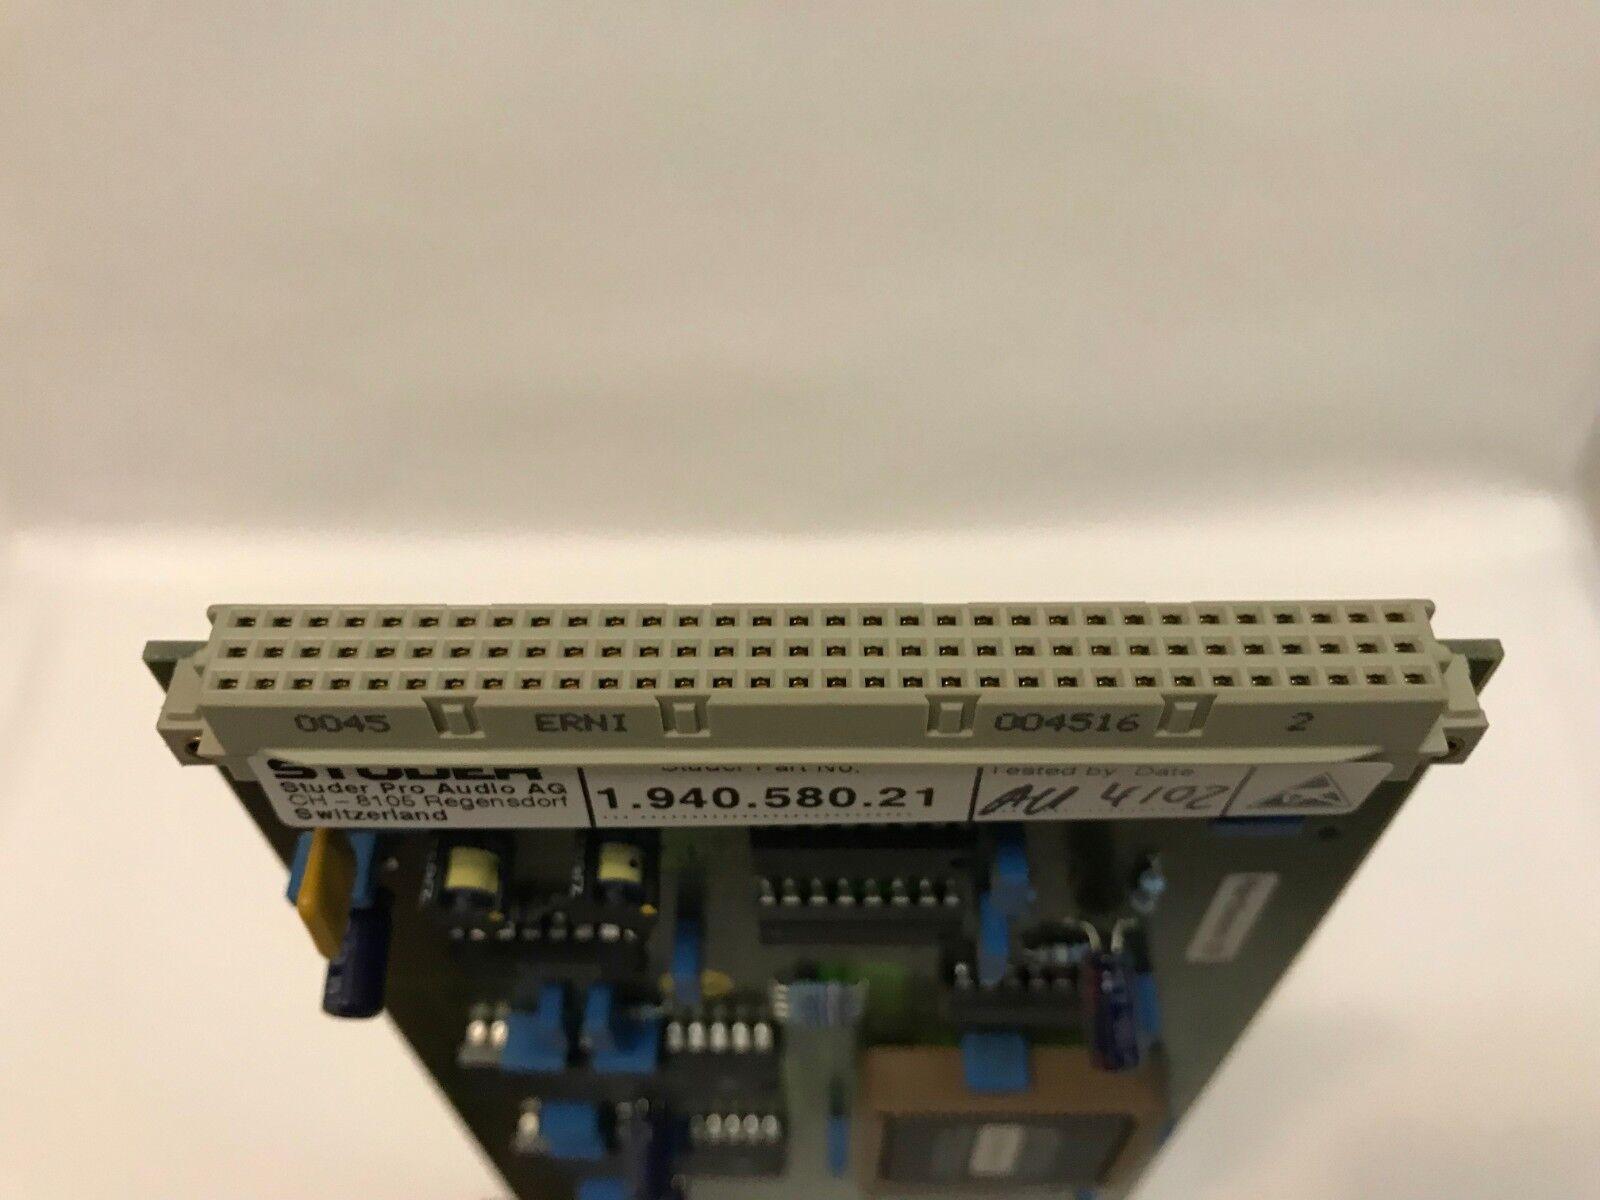 Studer D19M D19M D19M tarjeta de entrada AES-pn 1.940.580.21 - Envío Gratuito bb13fc